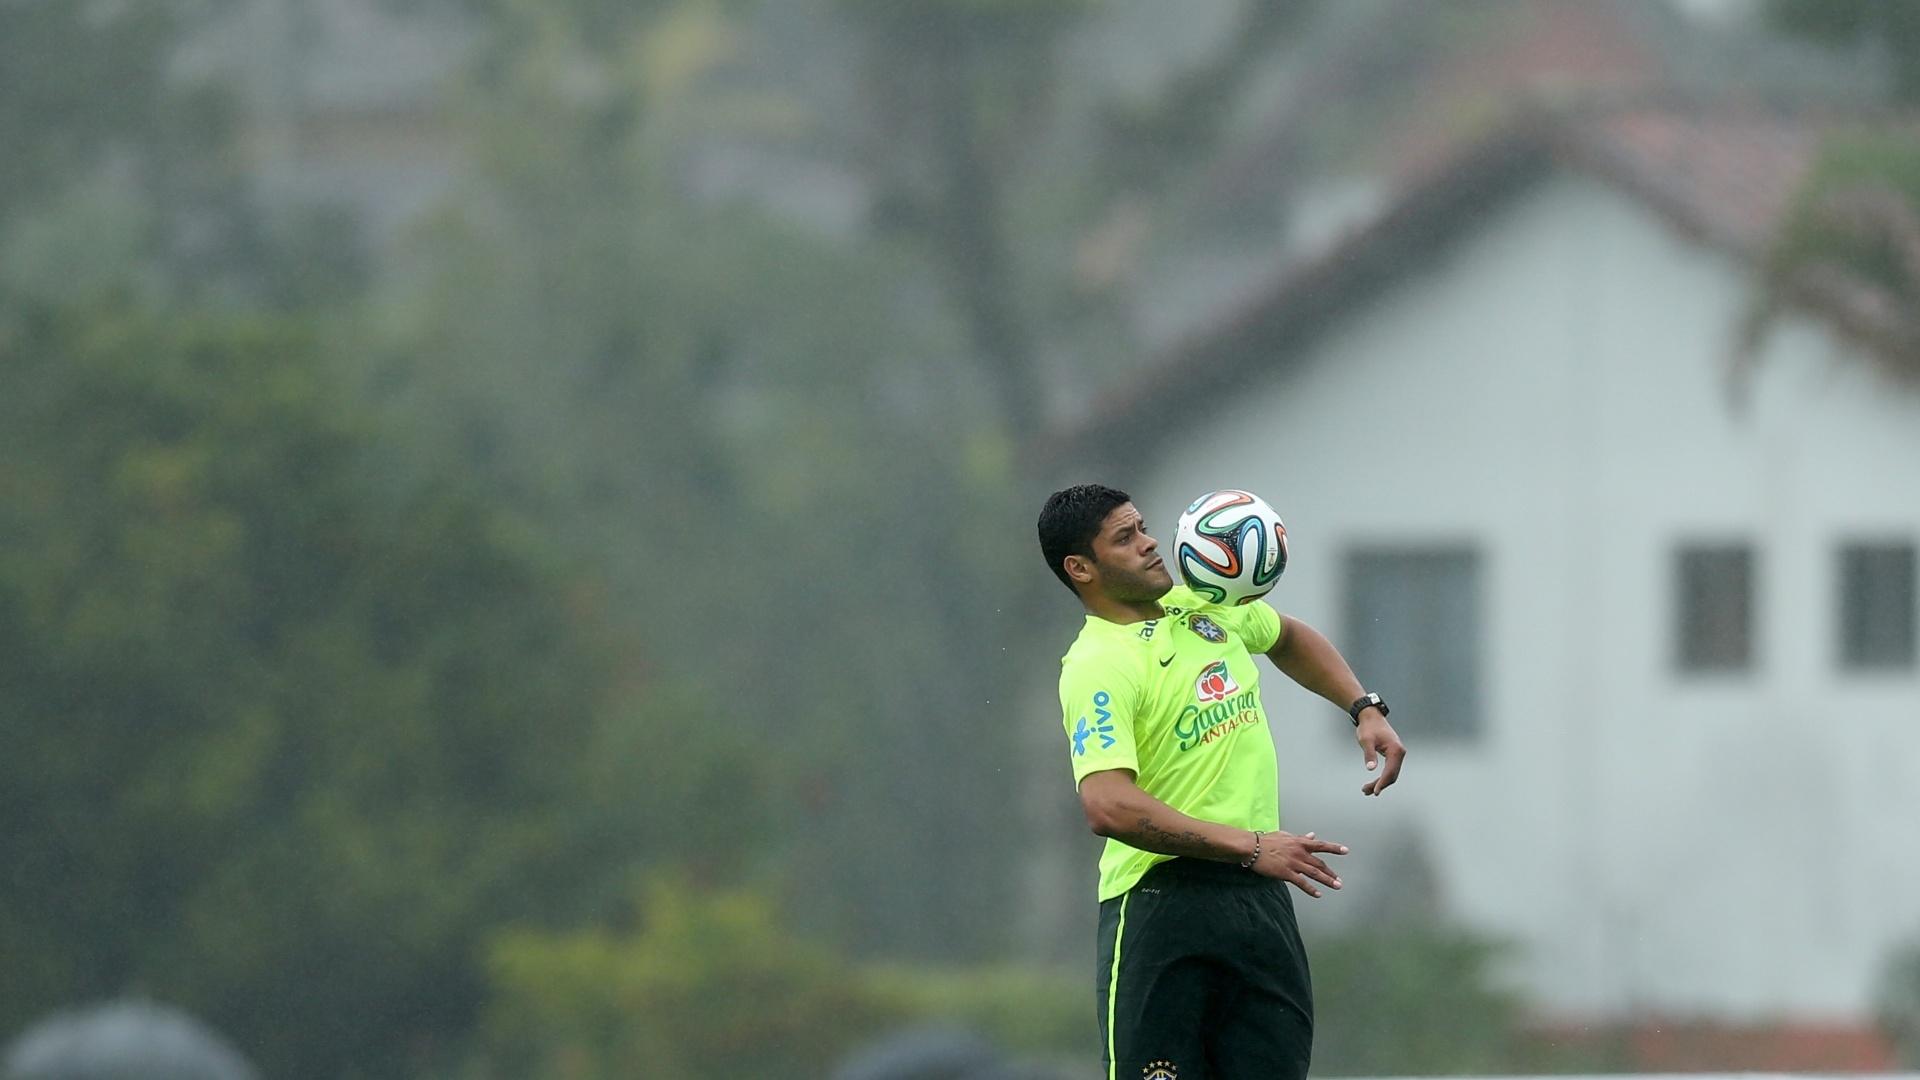 28.mai.2014 - Hulk domina a bola no peito durante treinamento da seleção brasileira na Granja Comary, em Teresópolis